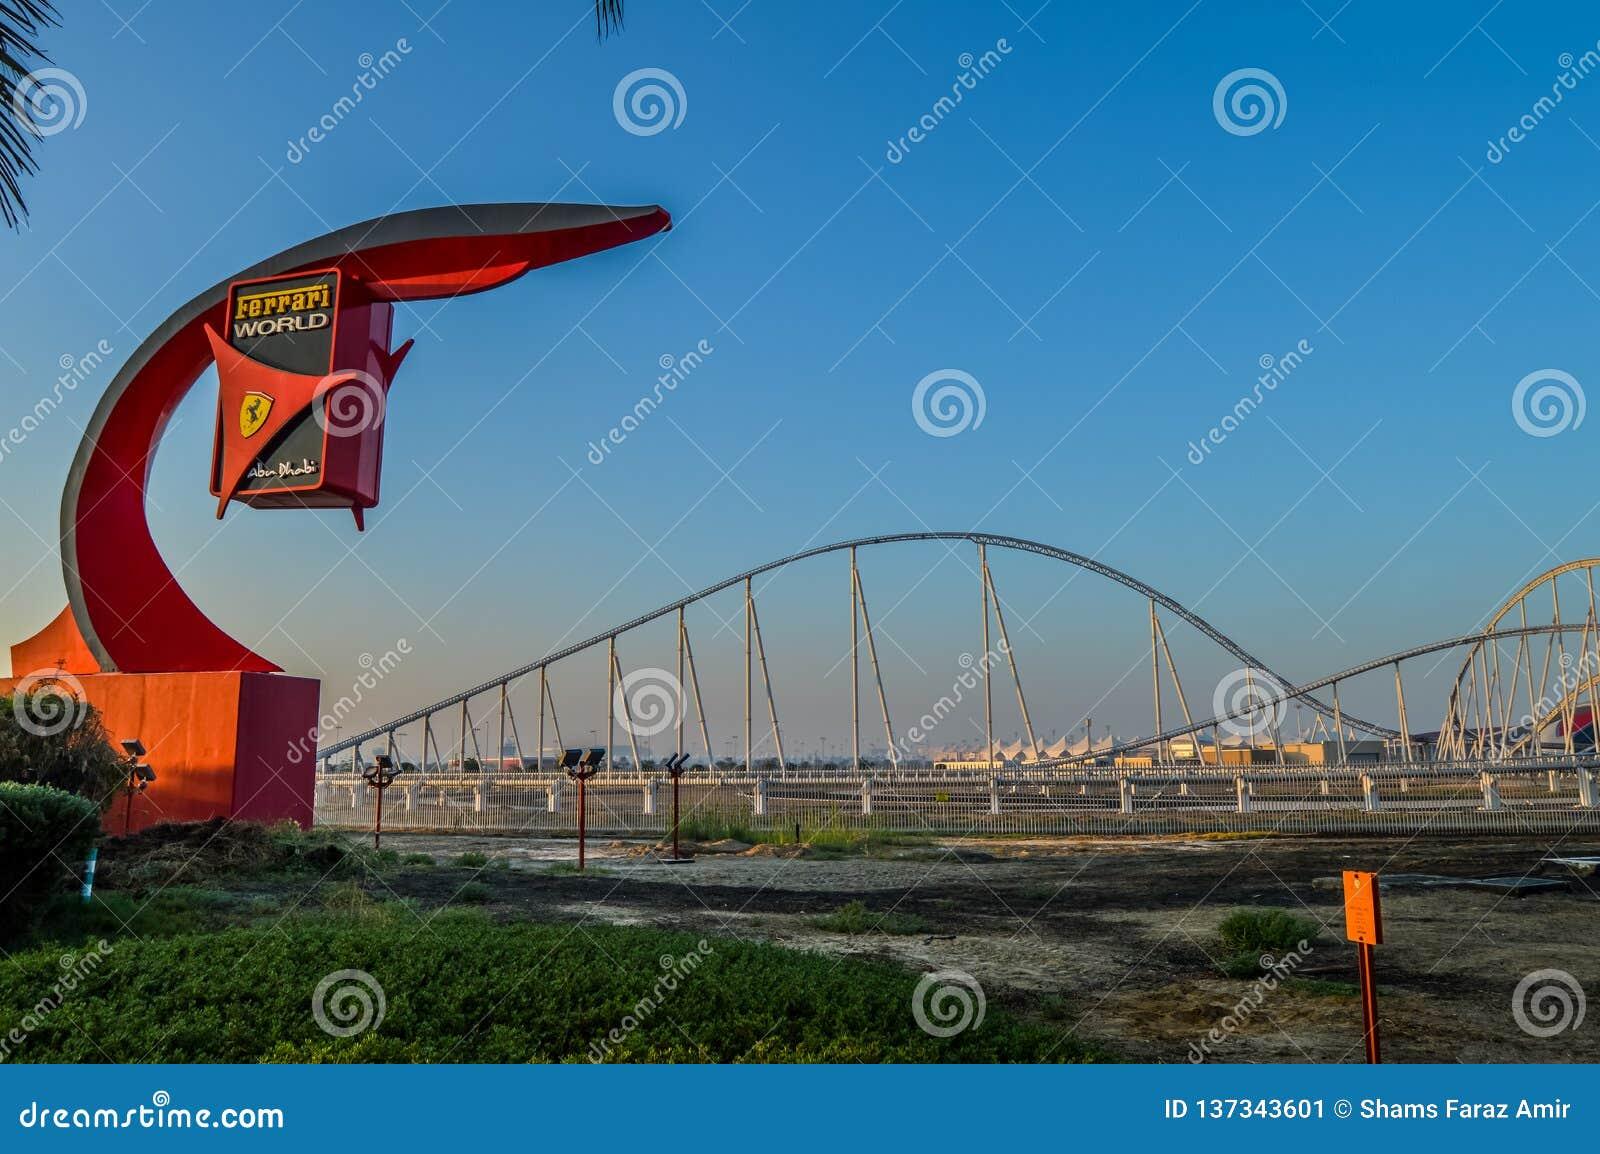 Esterni del mondo di Ferrari, un parco di divertimenti in Abu Dhabi sull isola di Yas